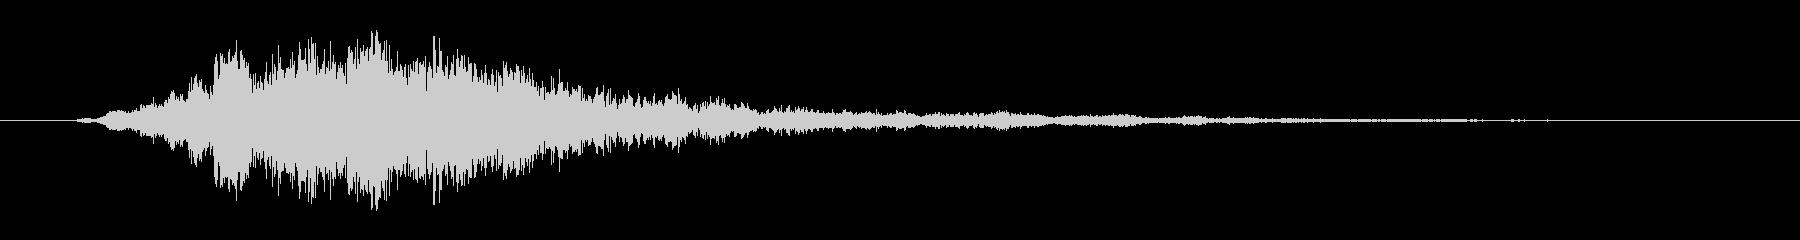 みずみずしいティロリロした音です。の未再生の波形